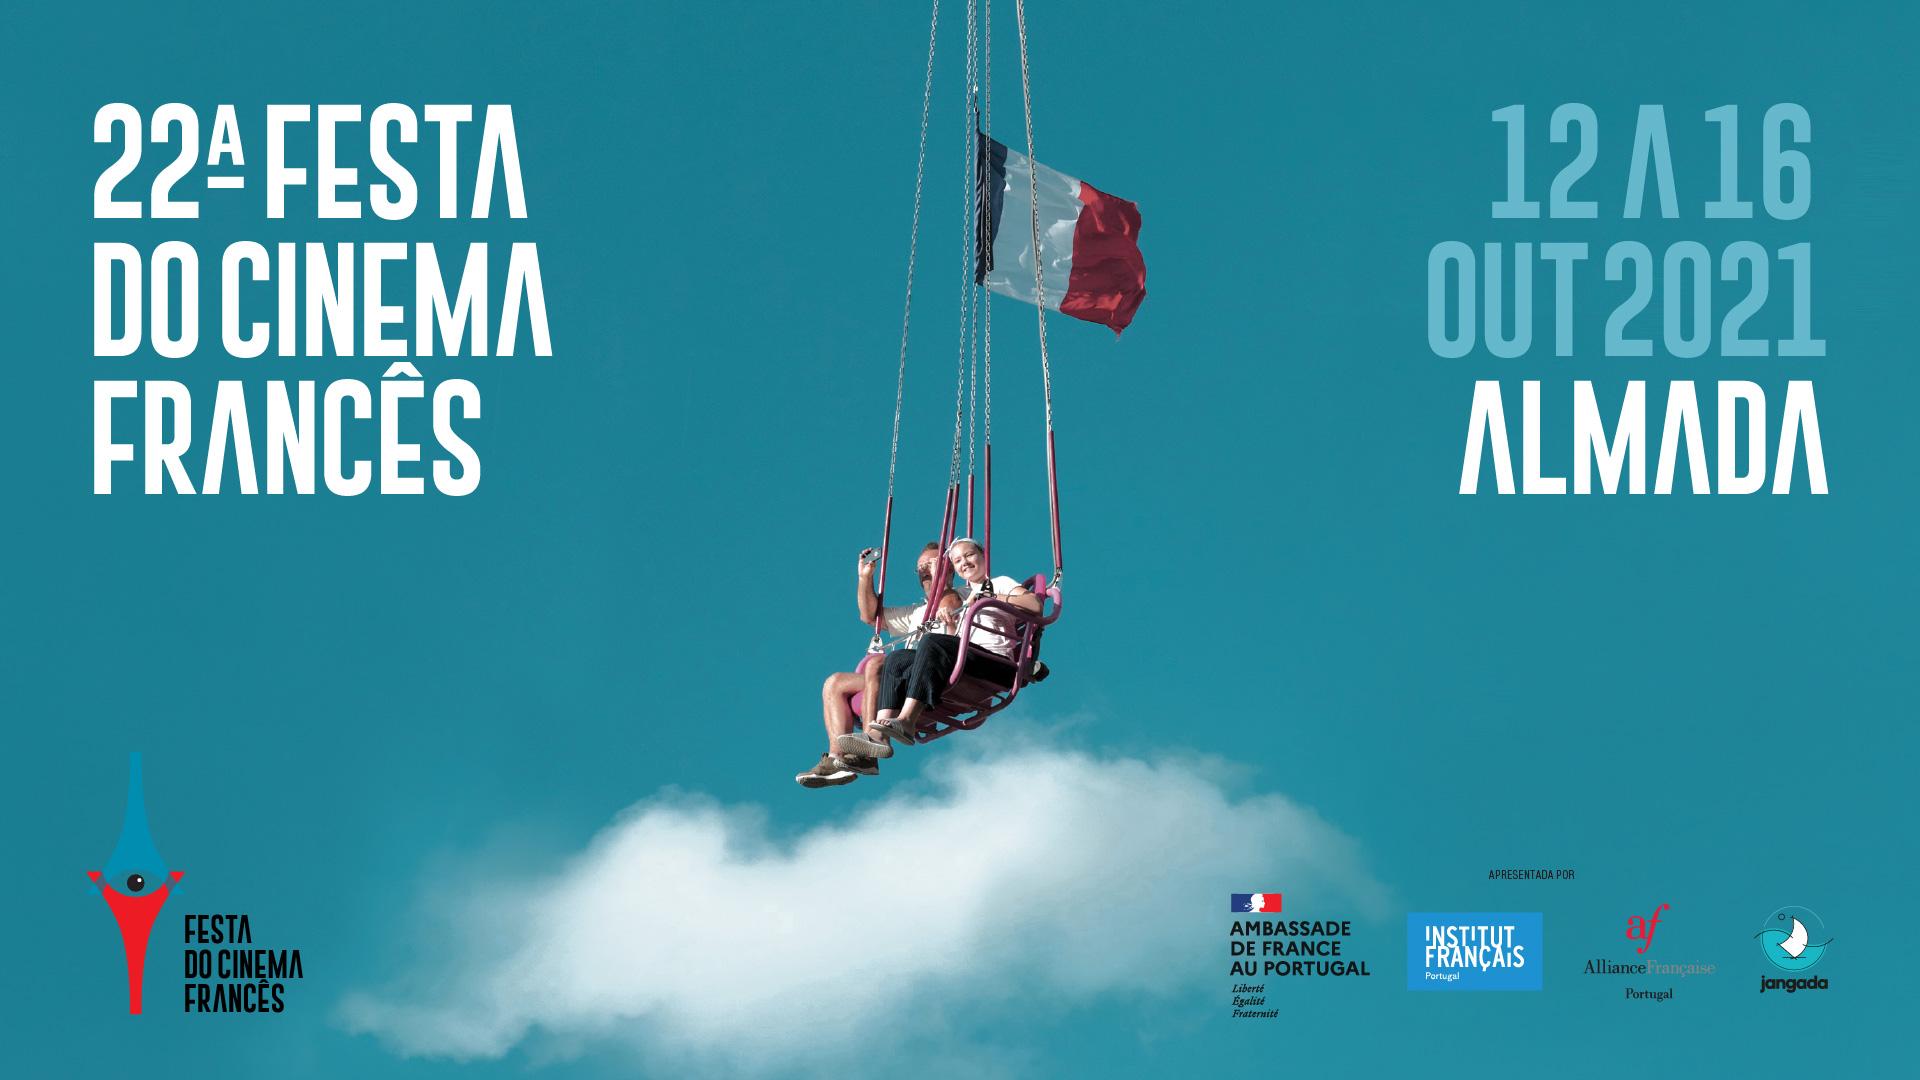 22ª Festa do Cinema Francês . Almada